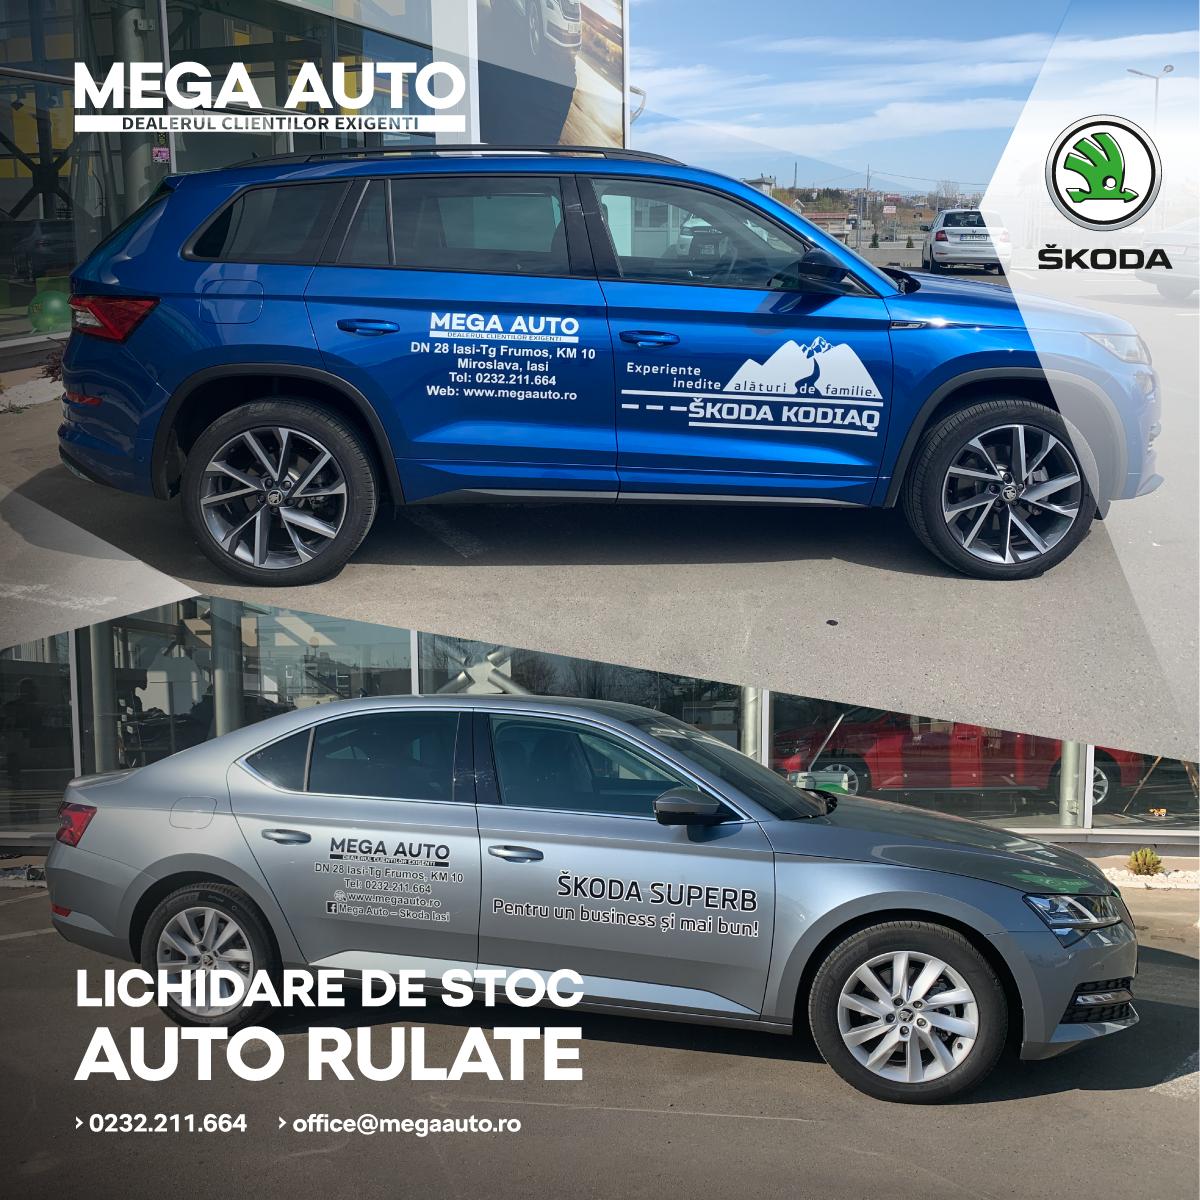 Lichidare de stoc Auto Rulate la Mega Auto – ŠKODA Iași